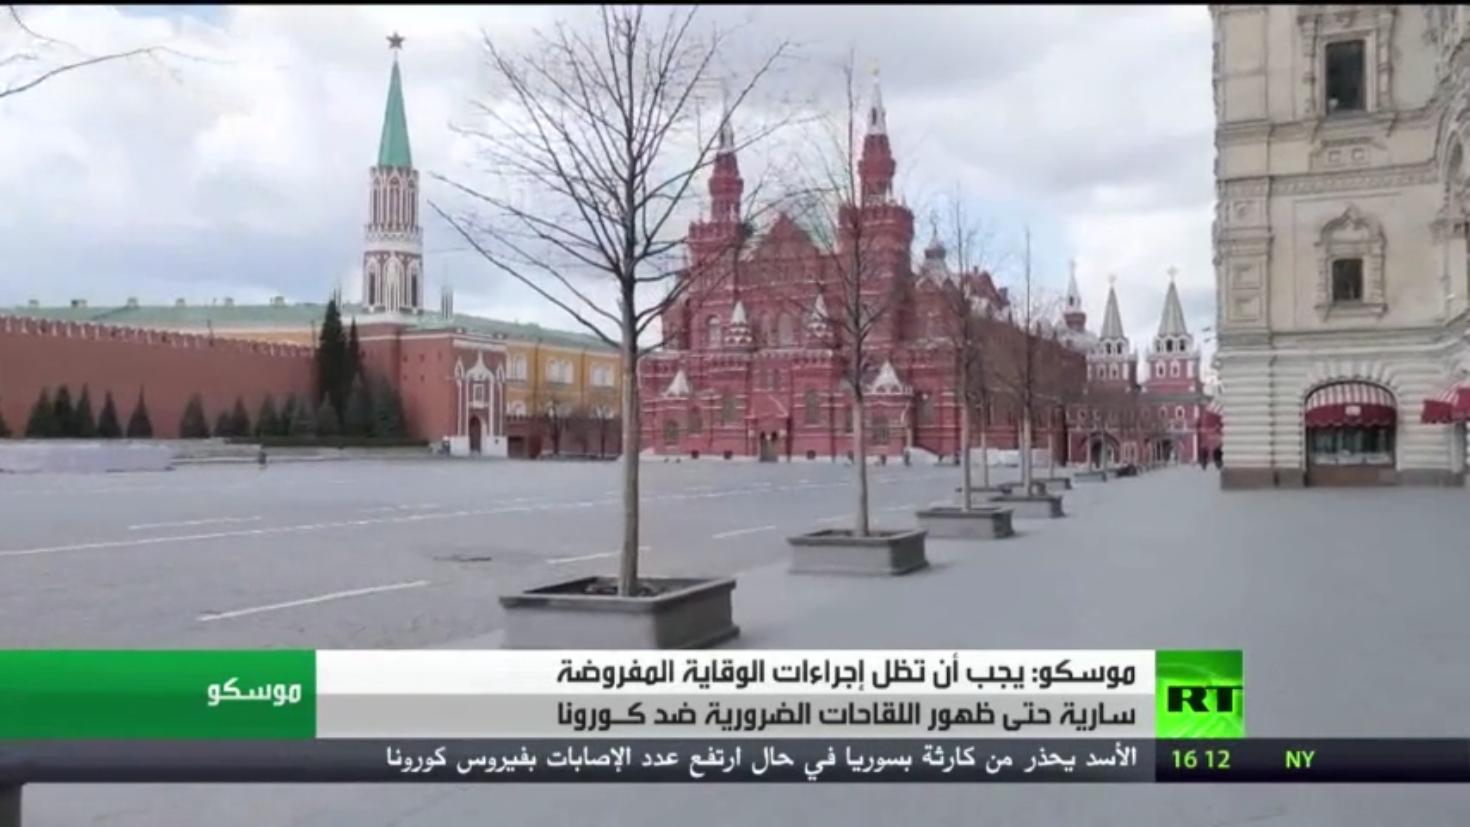 حصيلة إصابات كورونا في روسيا تتجاوز 145 ألفا